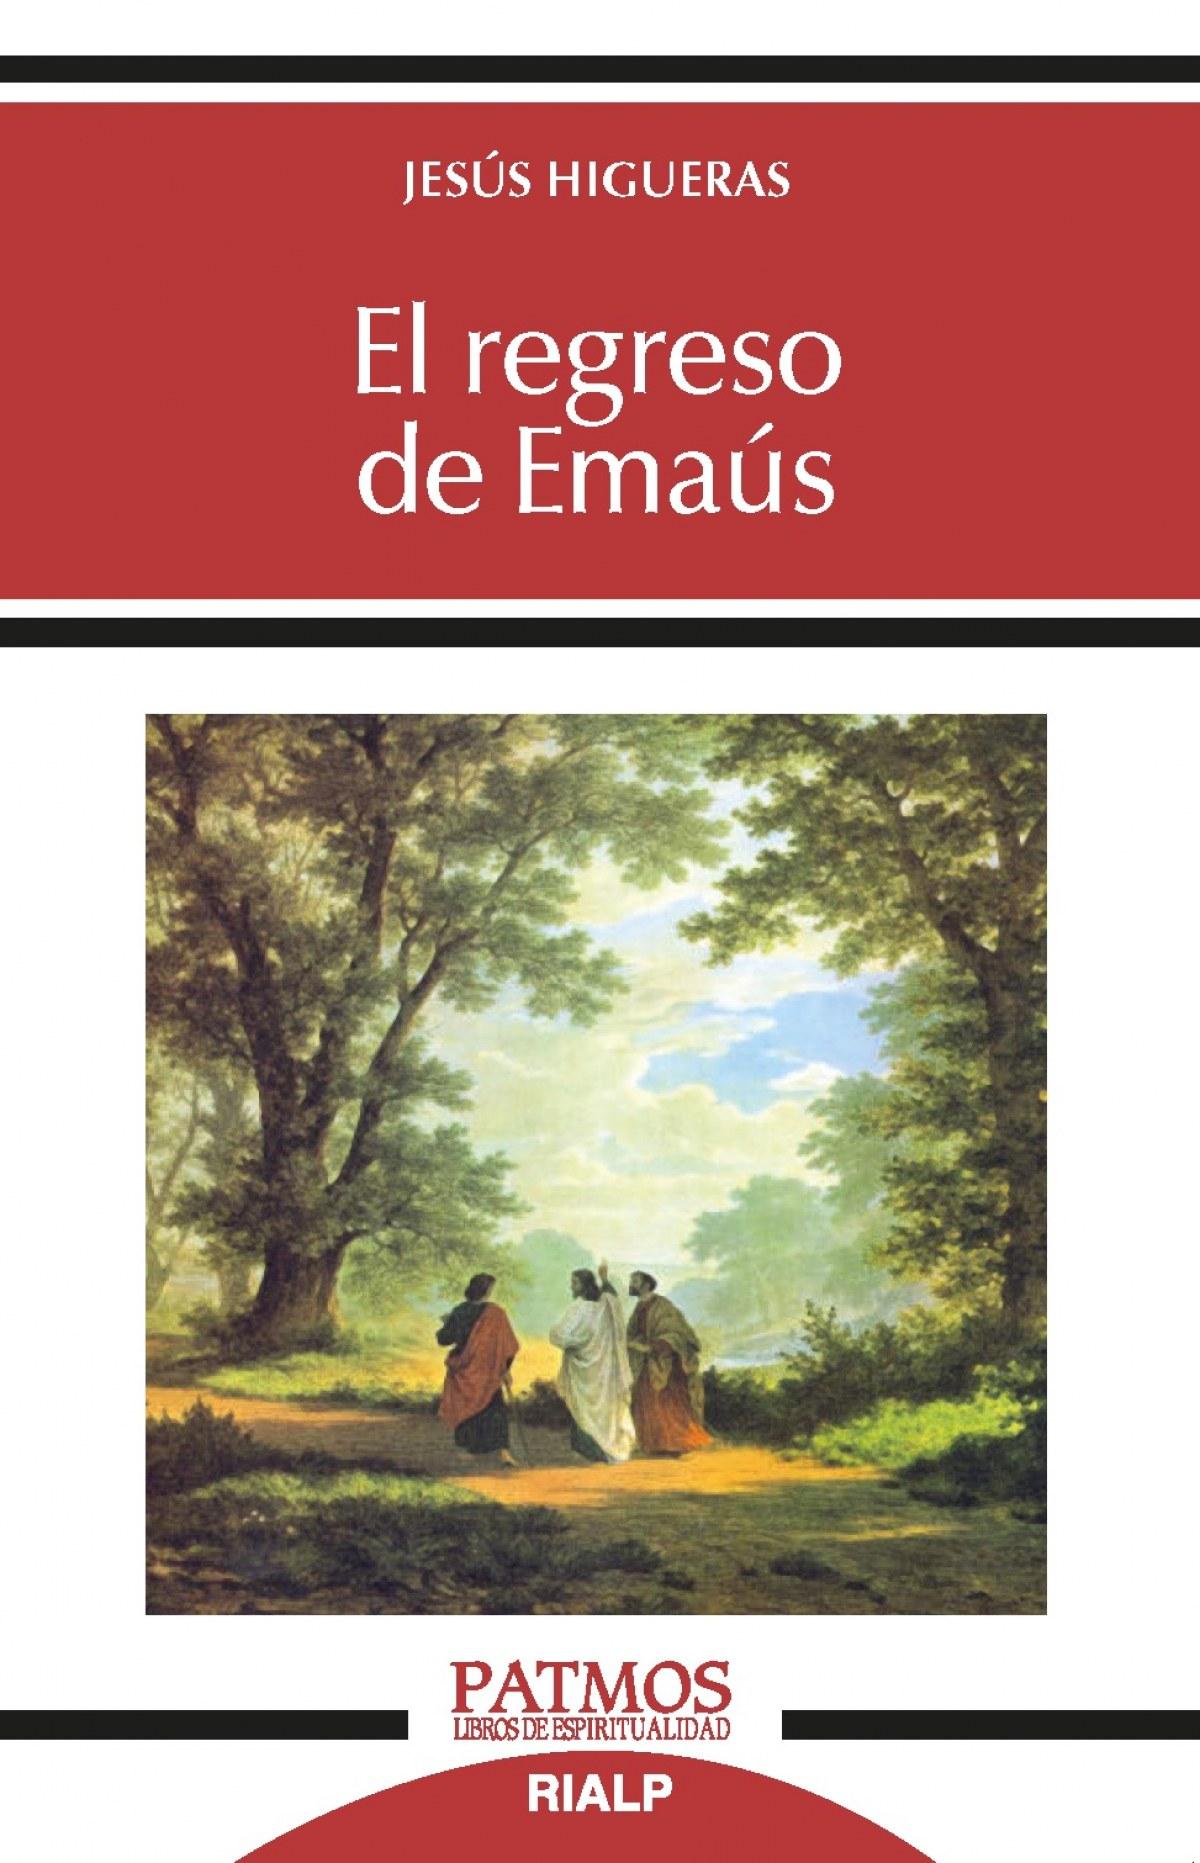 El regreso de Emaús